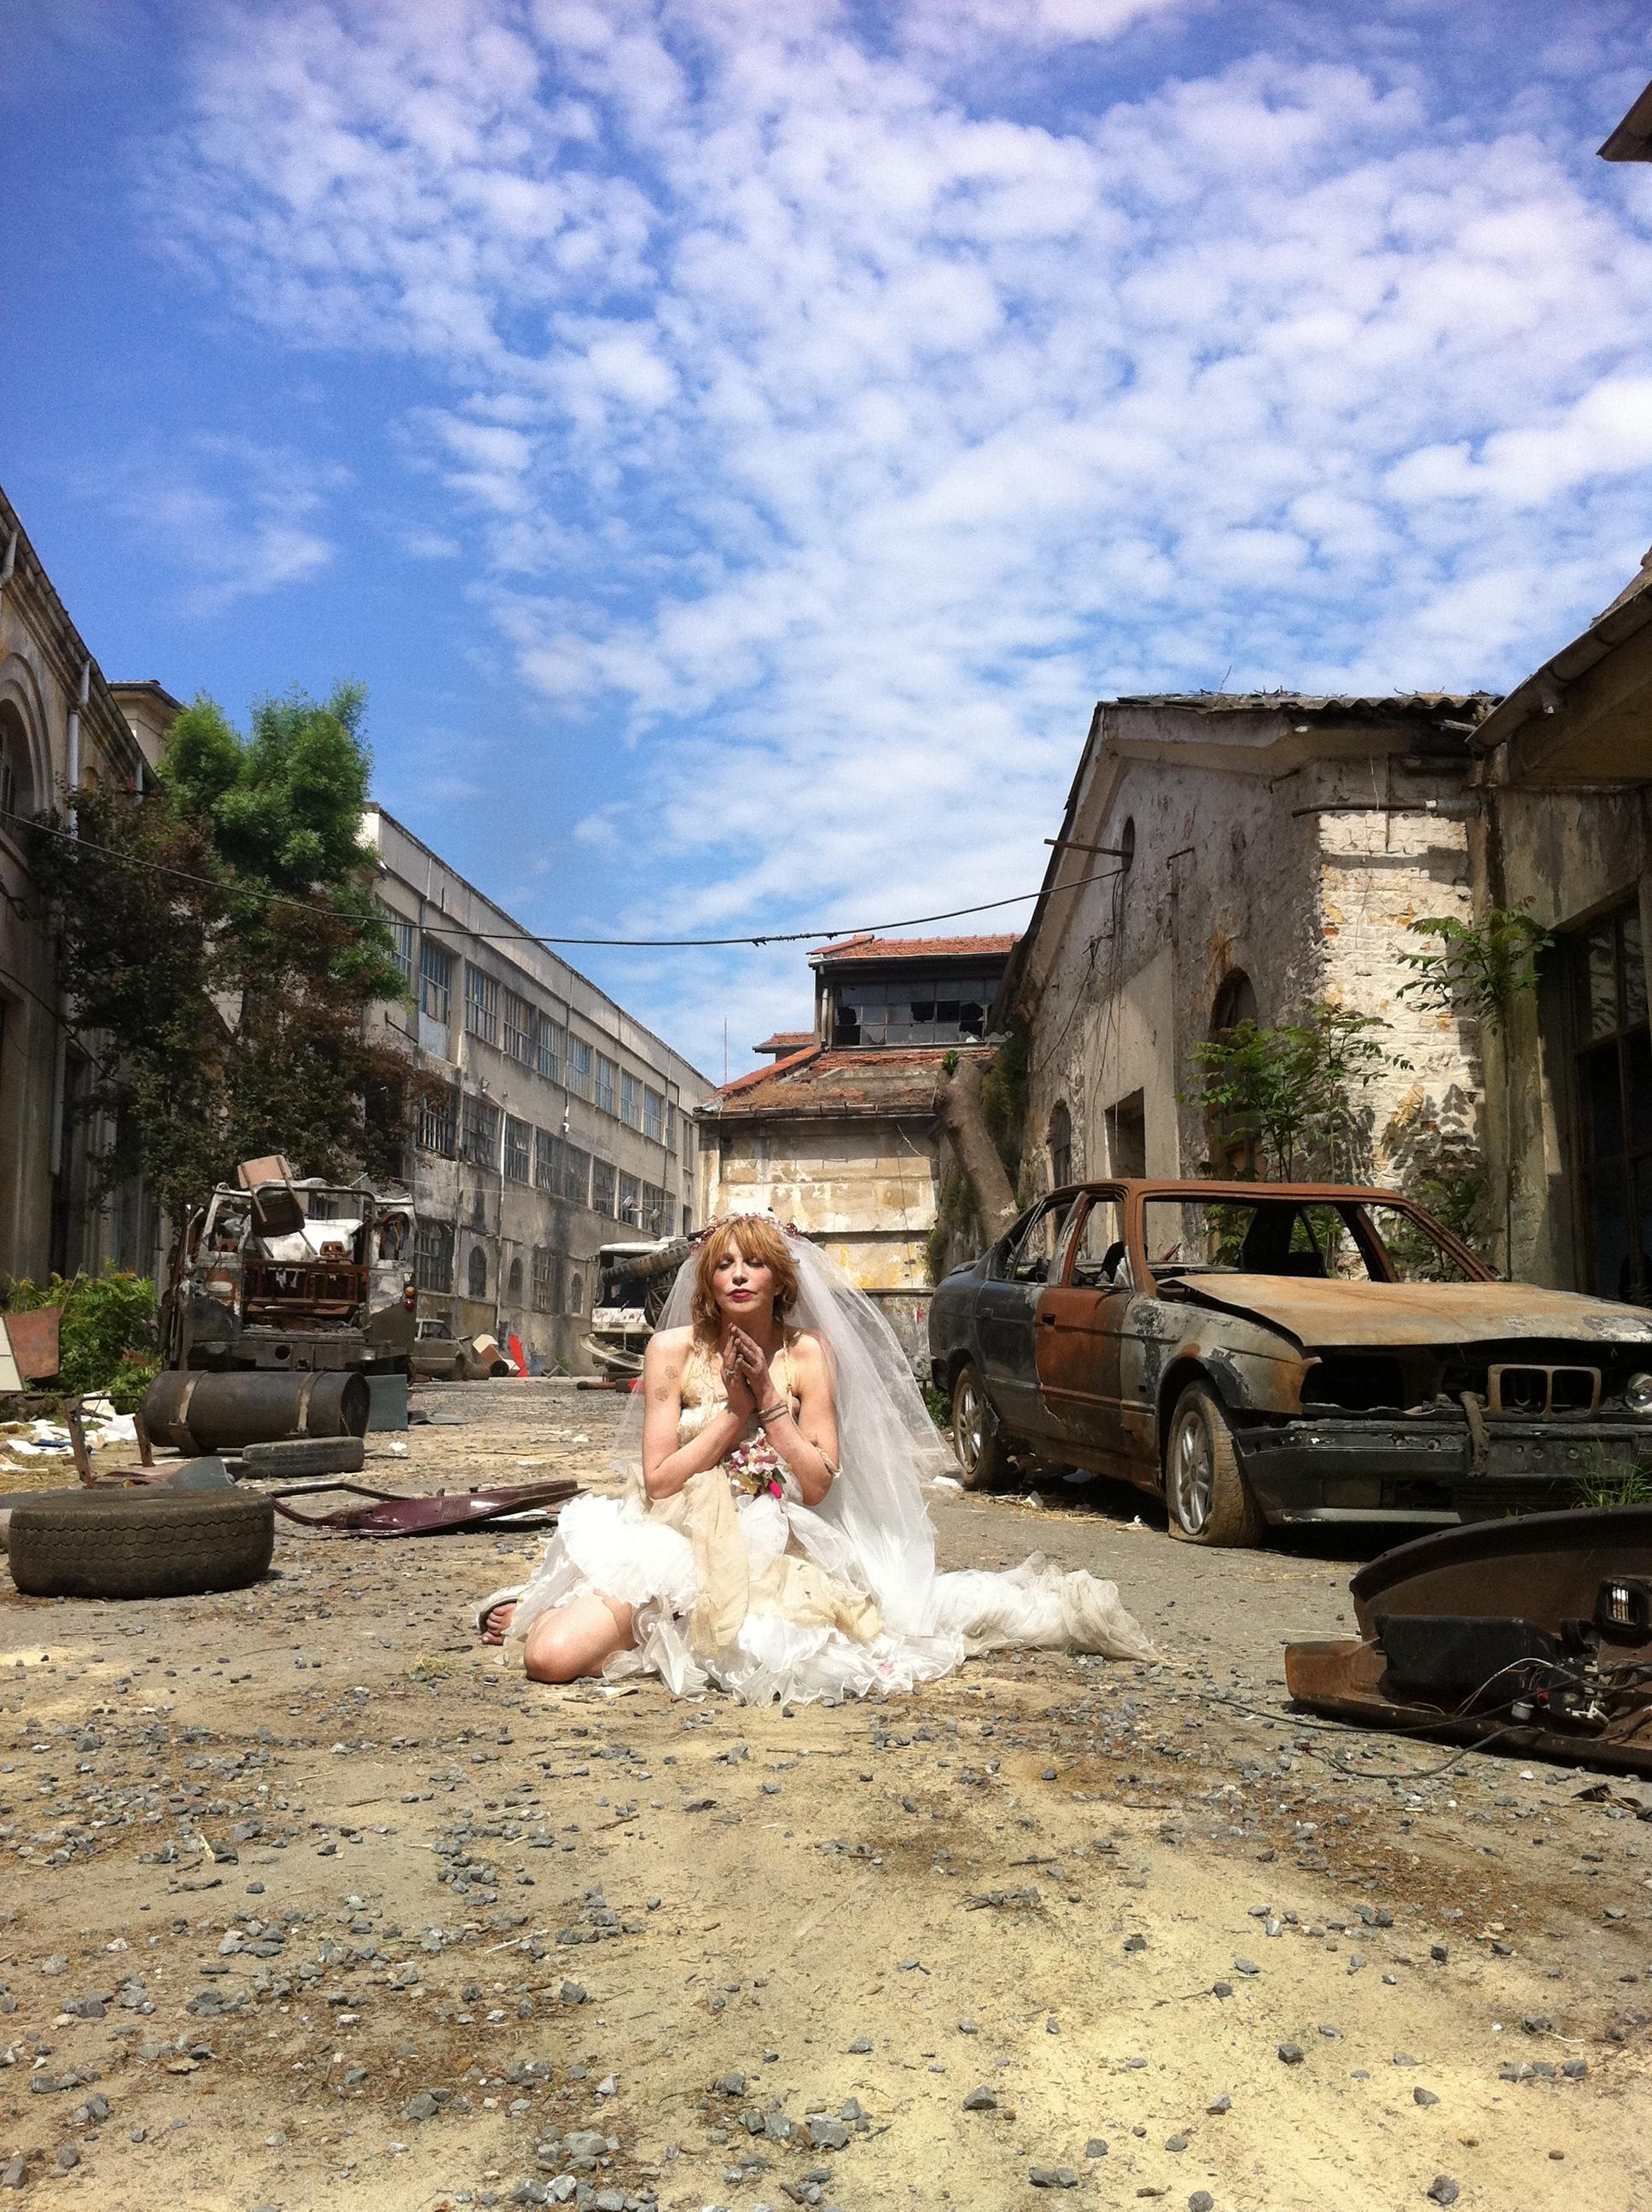 2019 Fernanda de Freitas nude photos 2019